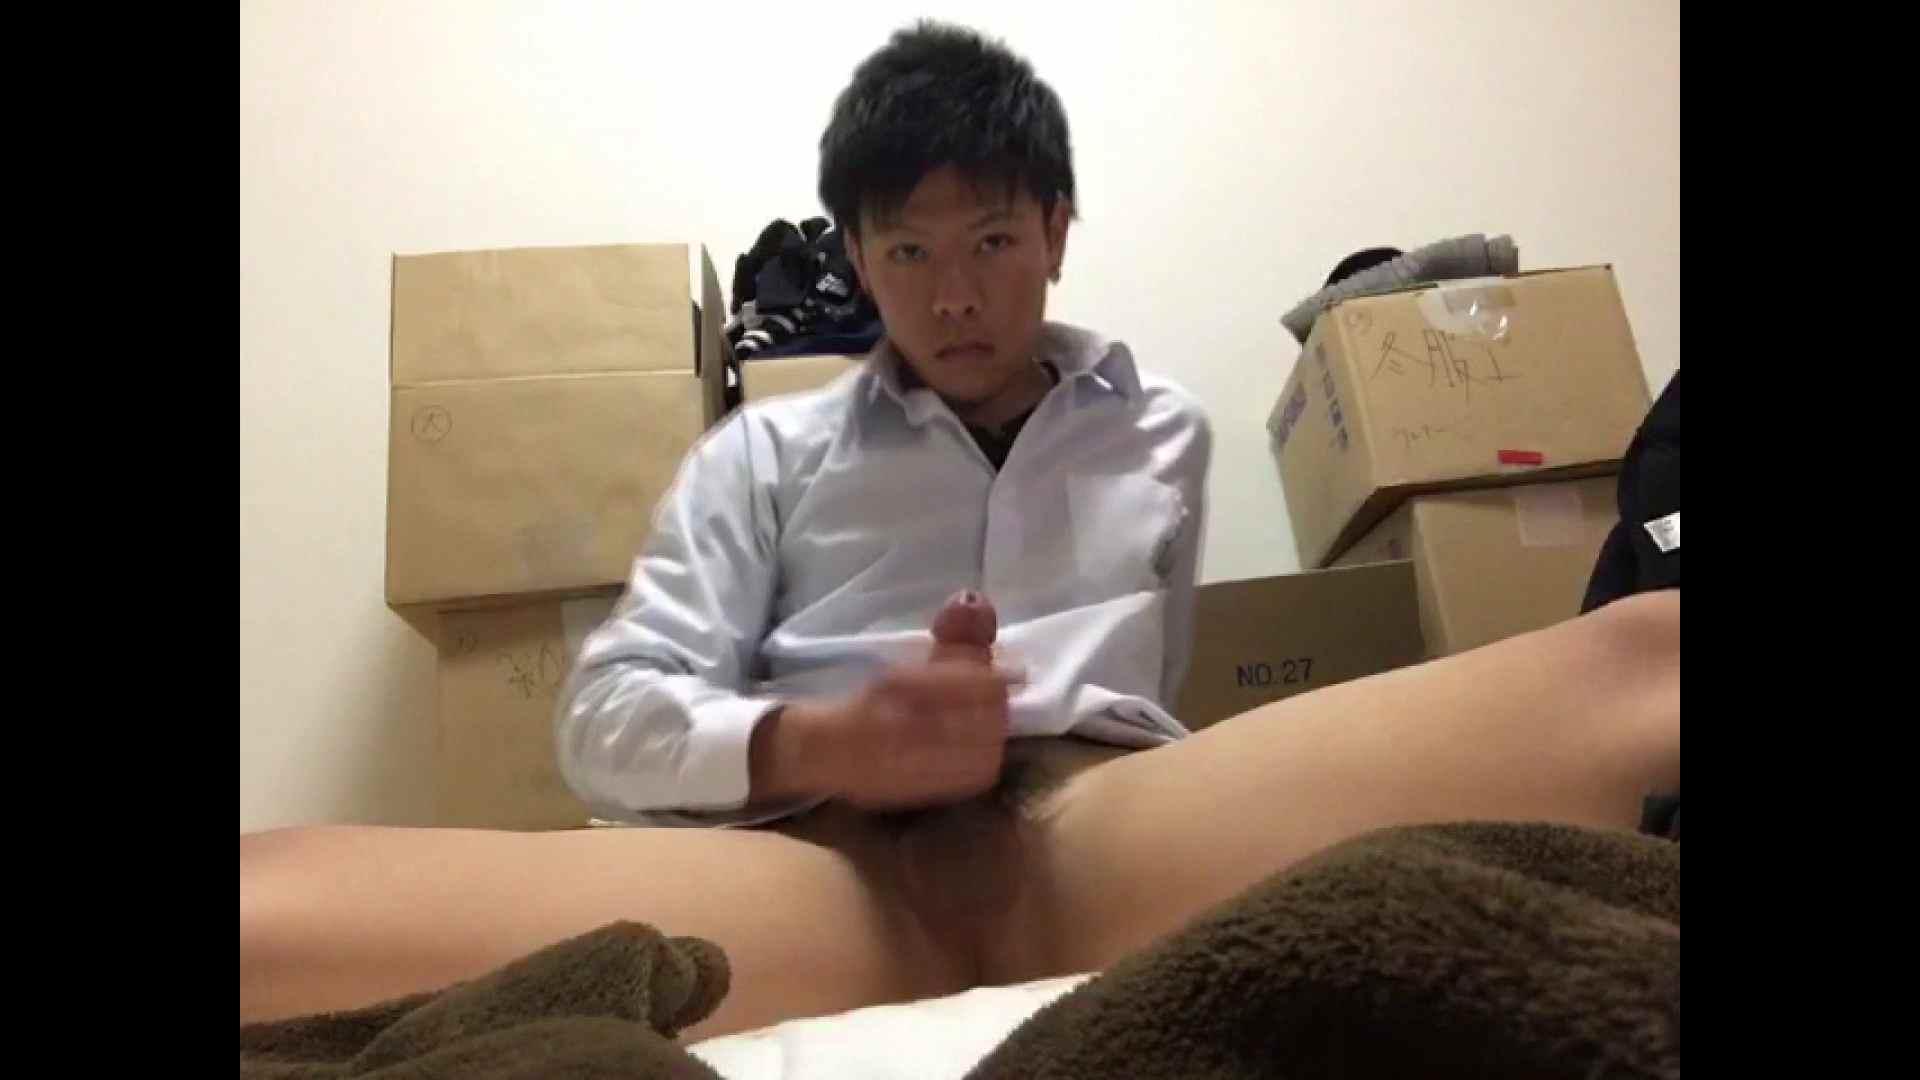 個人撮影 自慰の極意 Vol.1 オナニー専門男子 尻マンコ画像 75画像 46